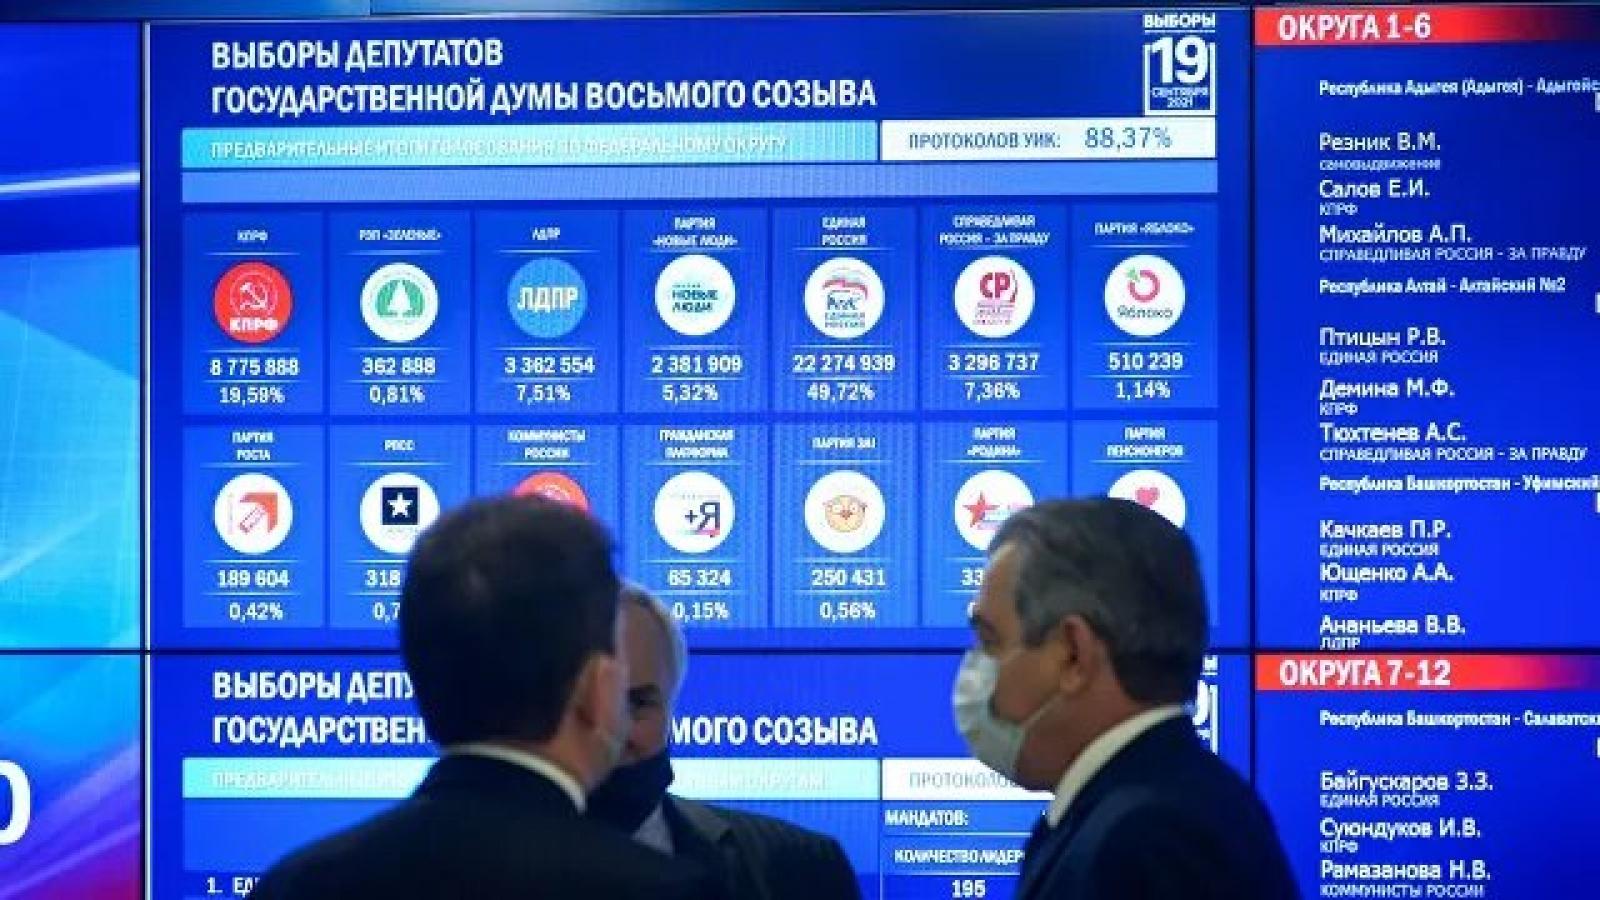 Nga cáo buộc EU về tiêu chuẩn kép do các chỉ trích cuộc bầu cử vào Duma quốc gia